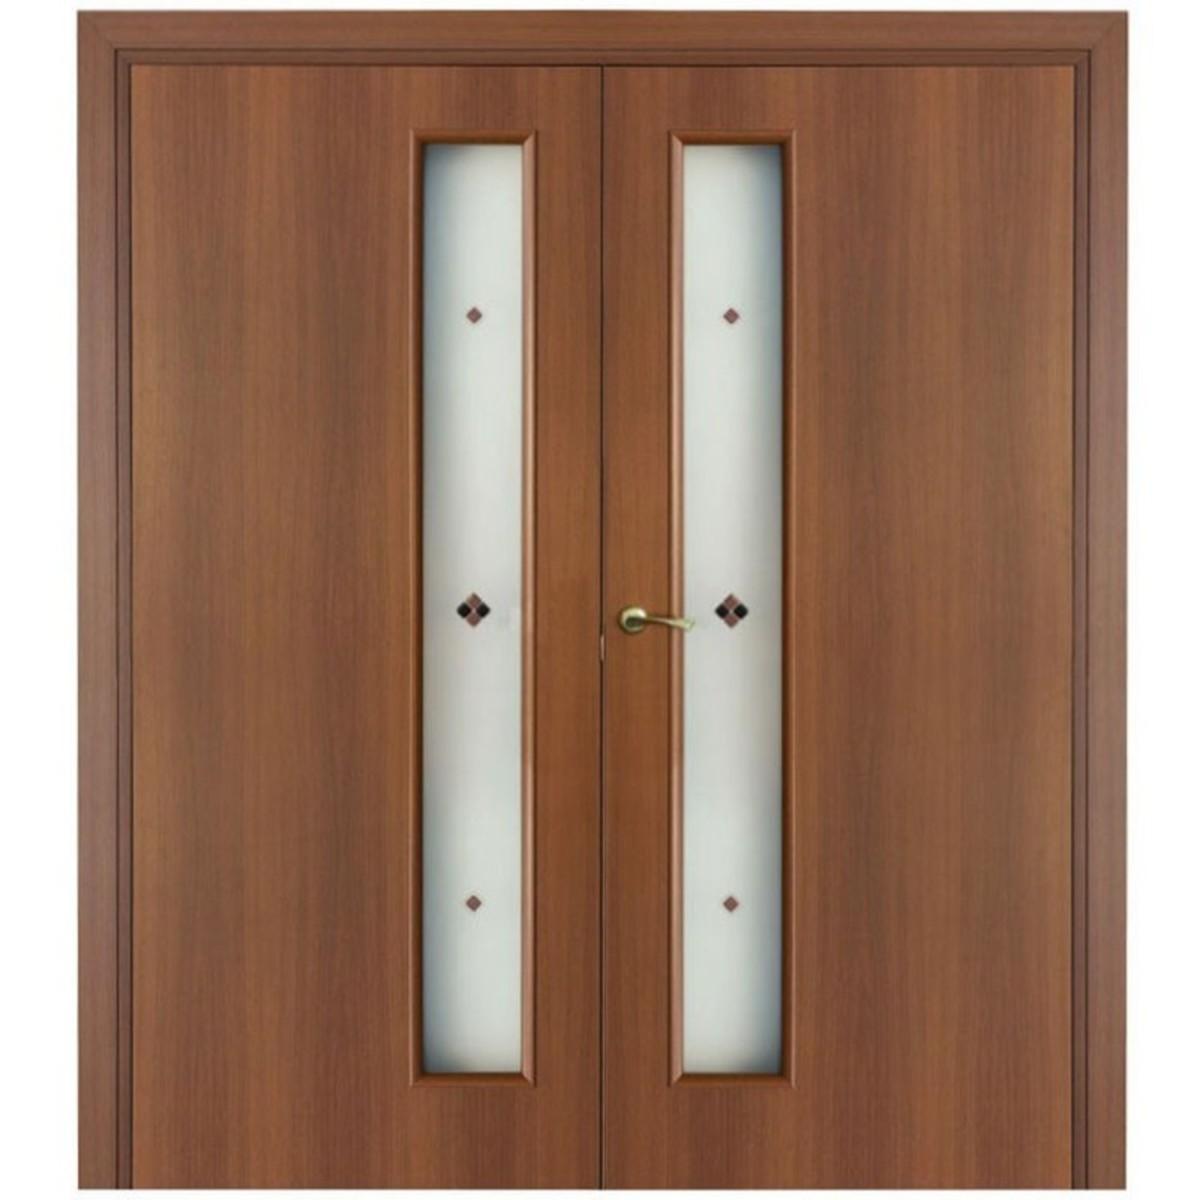 Дверь Межкомнатная Остеклённая Фортунато 2x60x200 Ламинация Цвет Ясень